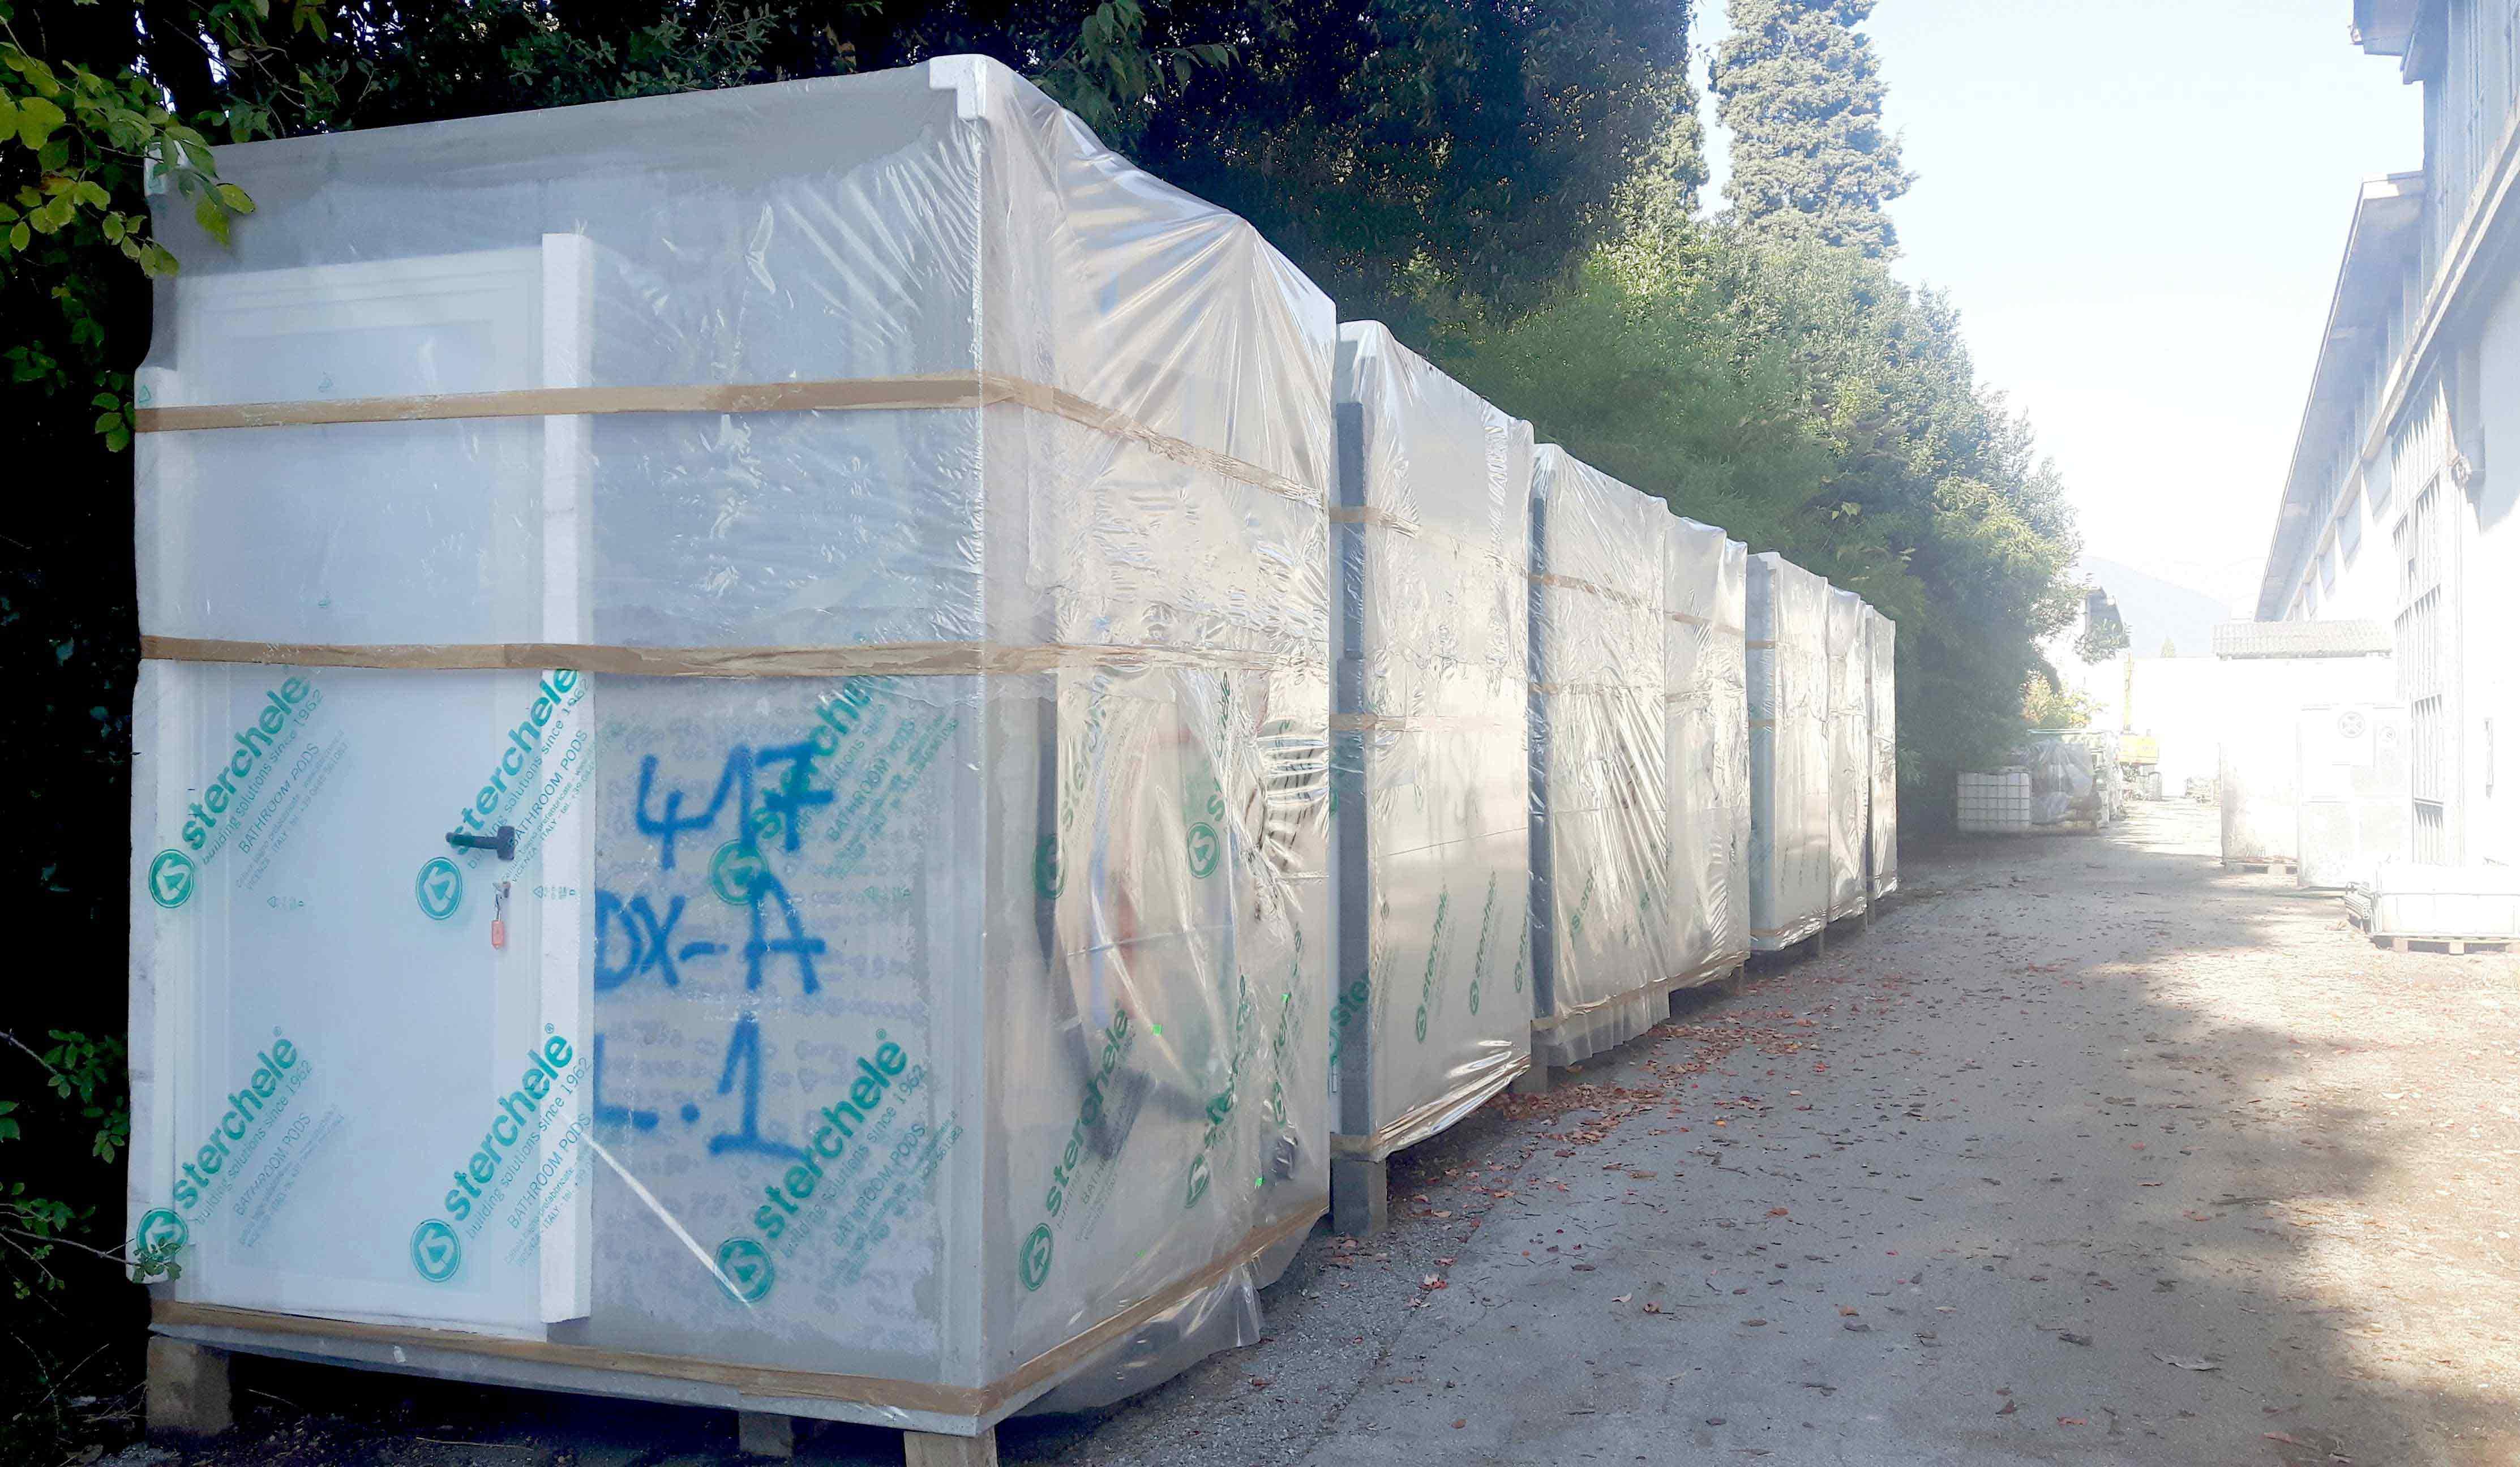 Trasporto dei Bagni Prefabbricati | CelluleBagno